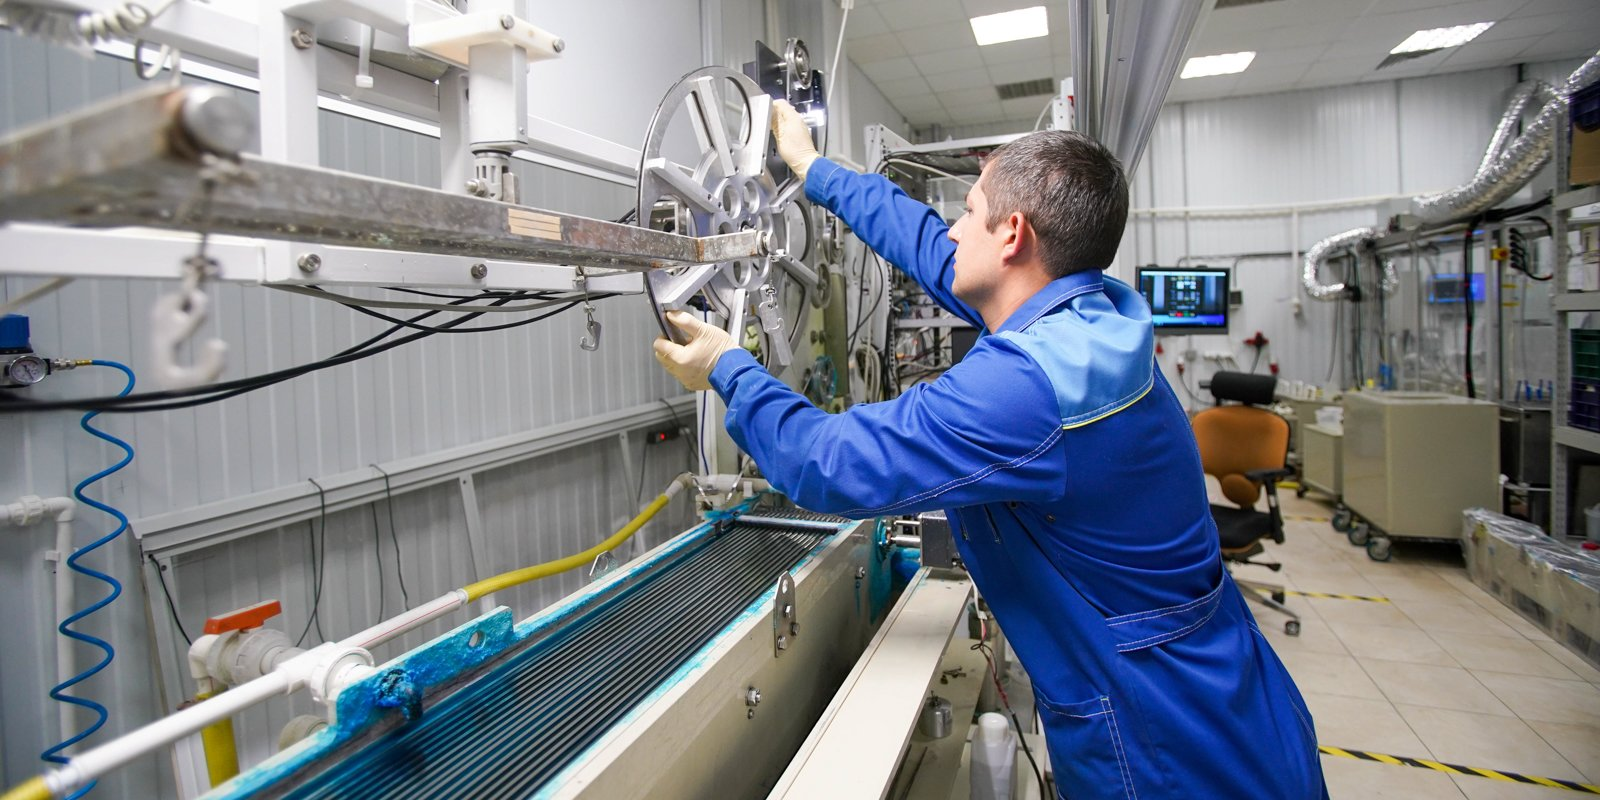 Быстрый ремонт сложного оборудования: резидент технопарка «Слава» внедрил новую систему управления производством